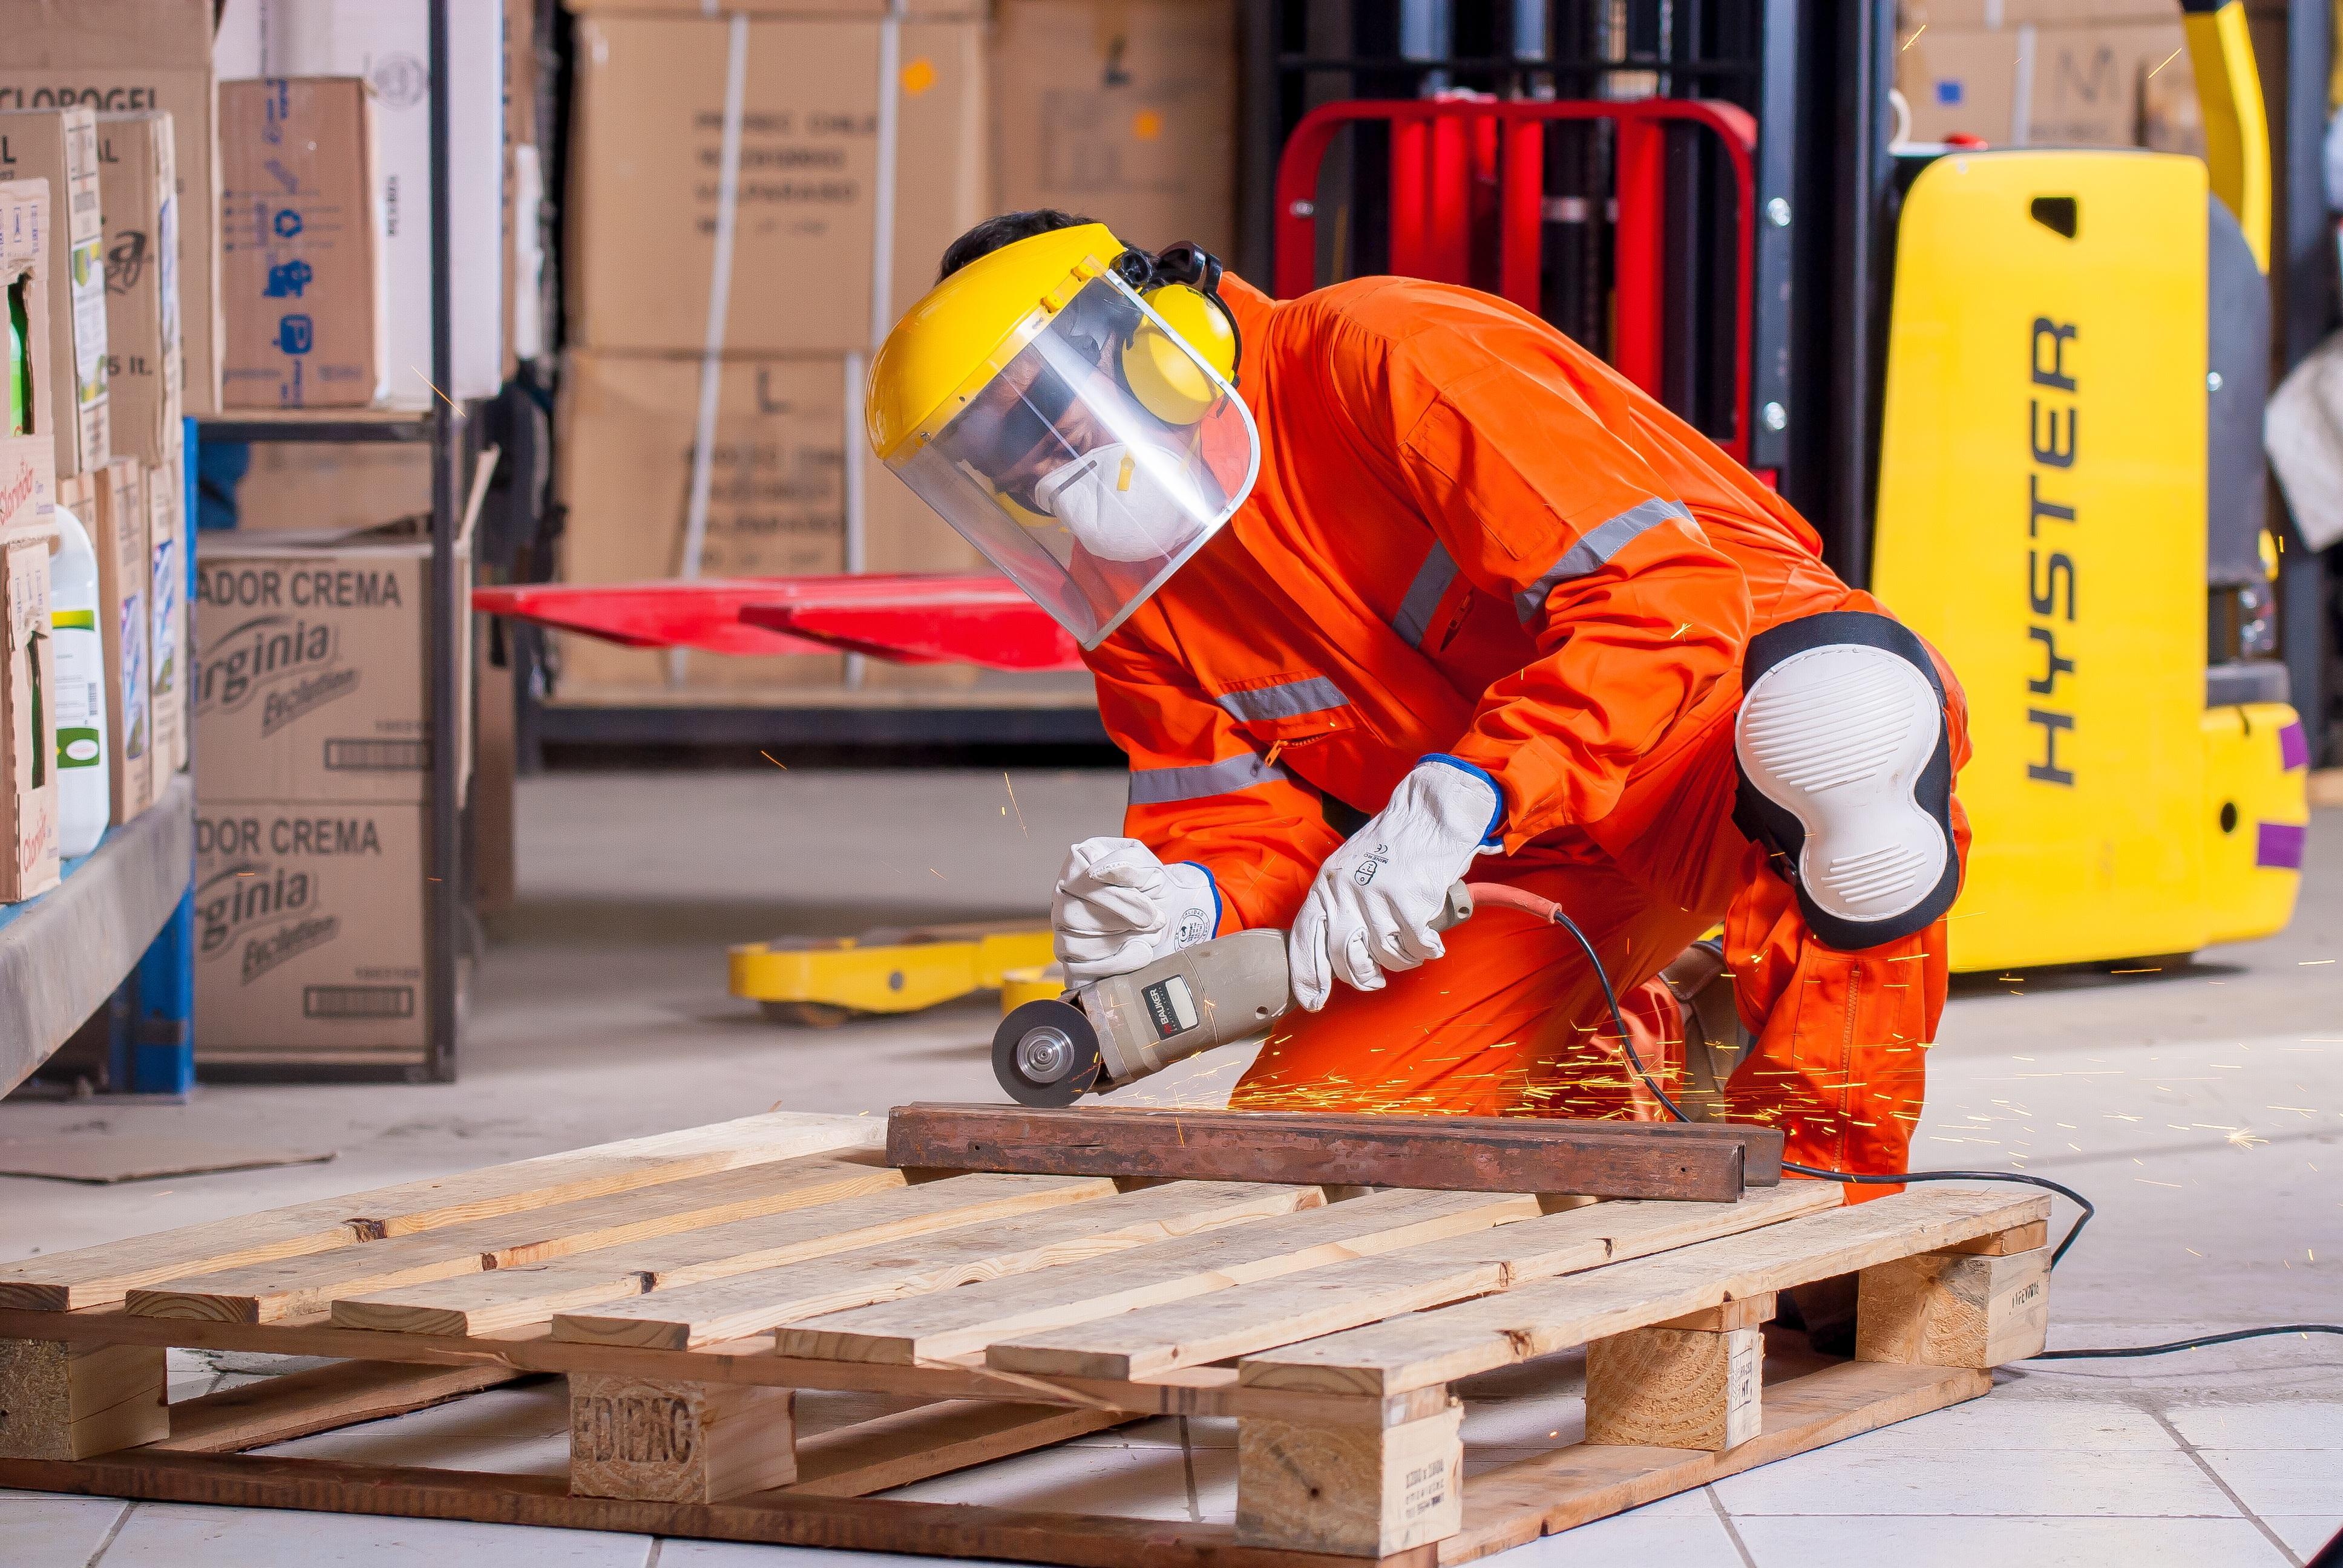 63922675 verktøy stål industriell sikkerhet kutte opp sko arbeider produserer Vest  veileder personlig verneutstyr logis bygningsarbeider arbeidsklær